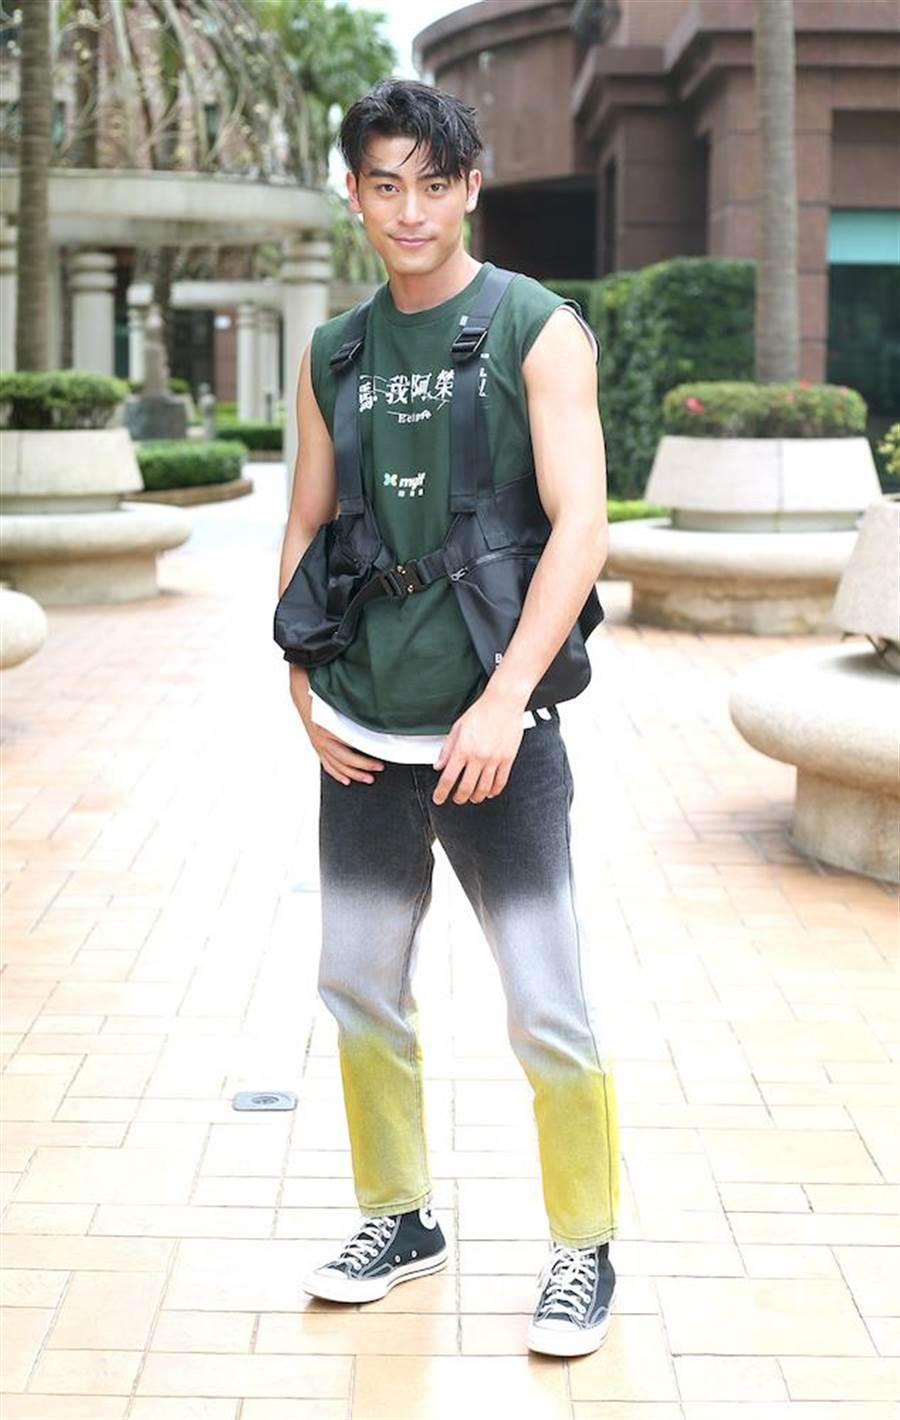 徐愷熱愛上山下海,平常也練潛水、武術、健身,也是街頭極限運動「跑酷」專家。(粘耿豪攝)